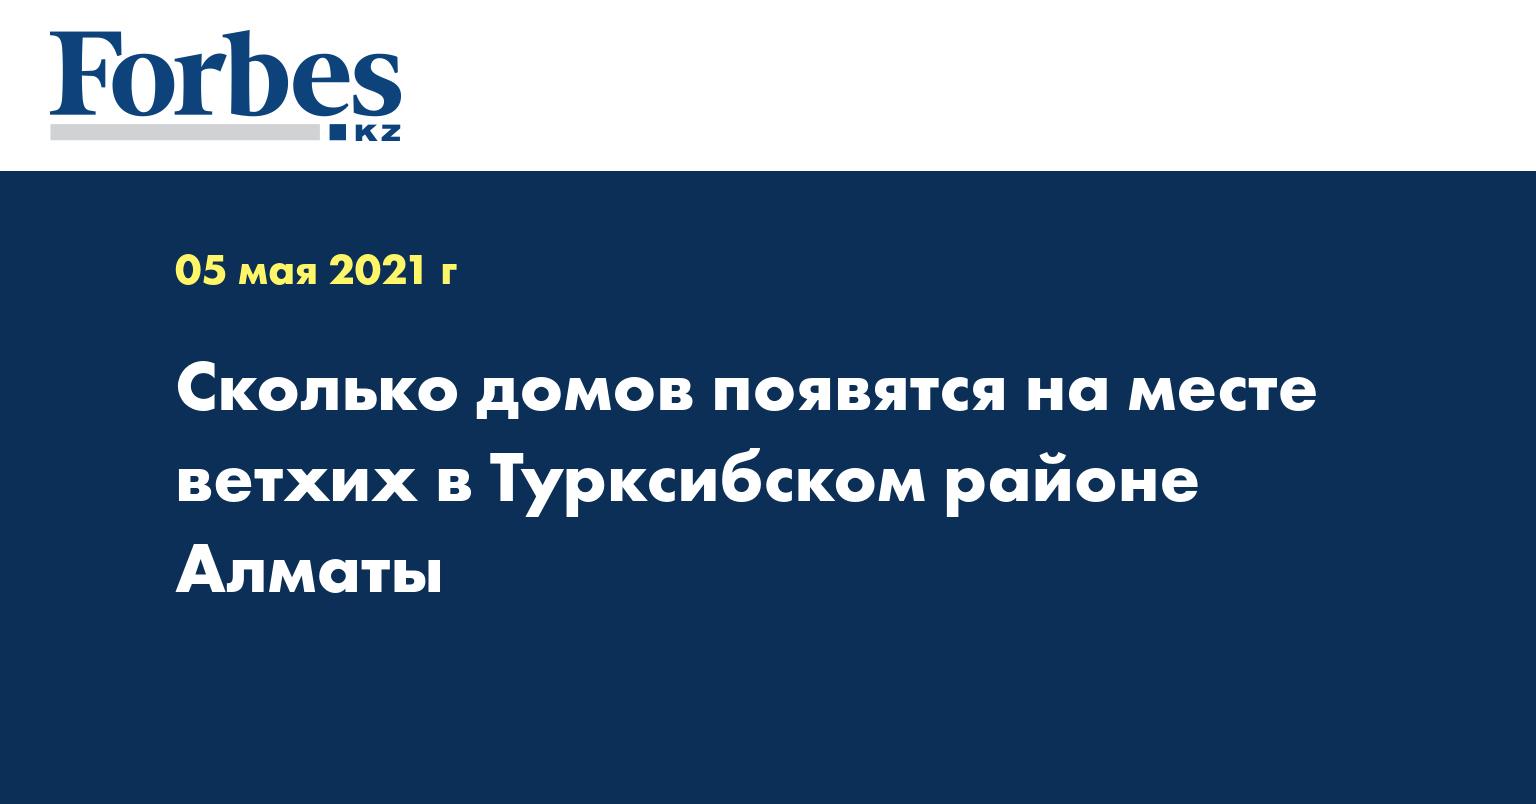 Сколько домов появятся на месте ветхих в Турксибском районе Алматы